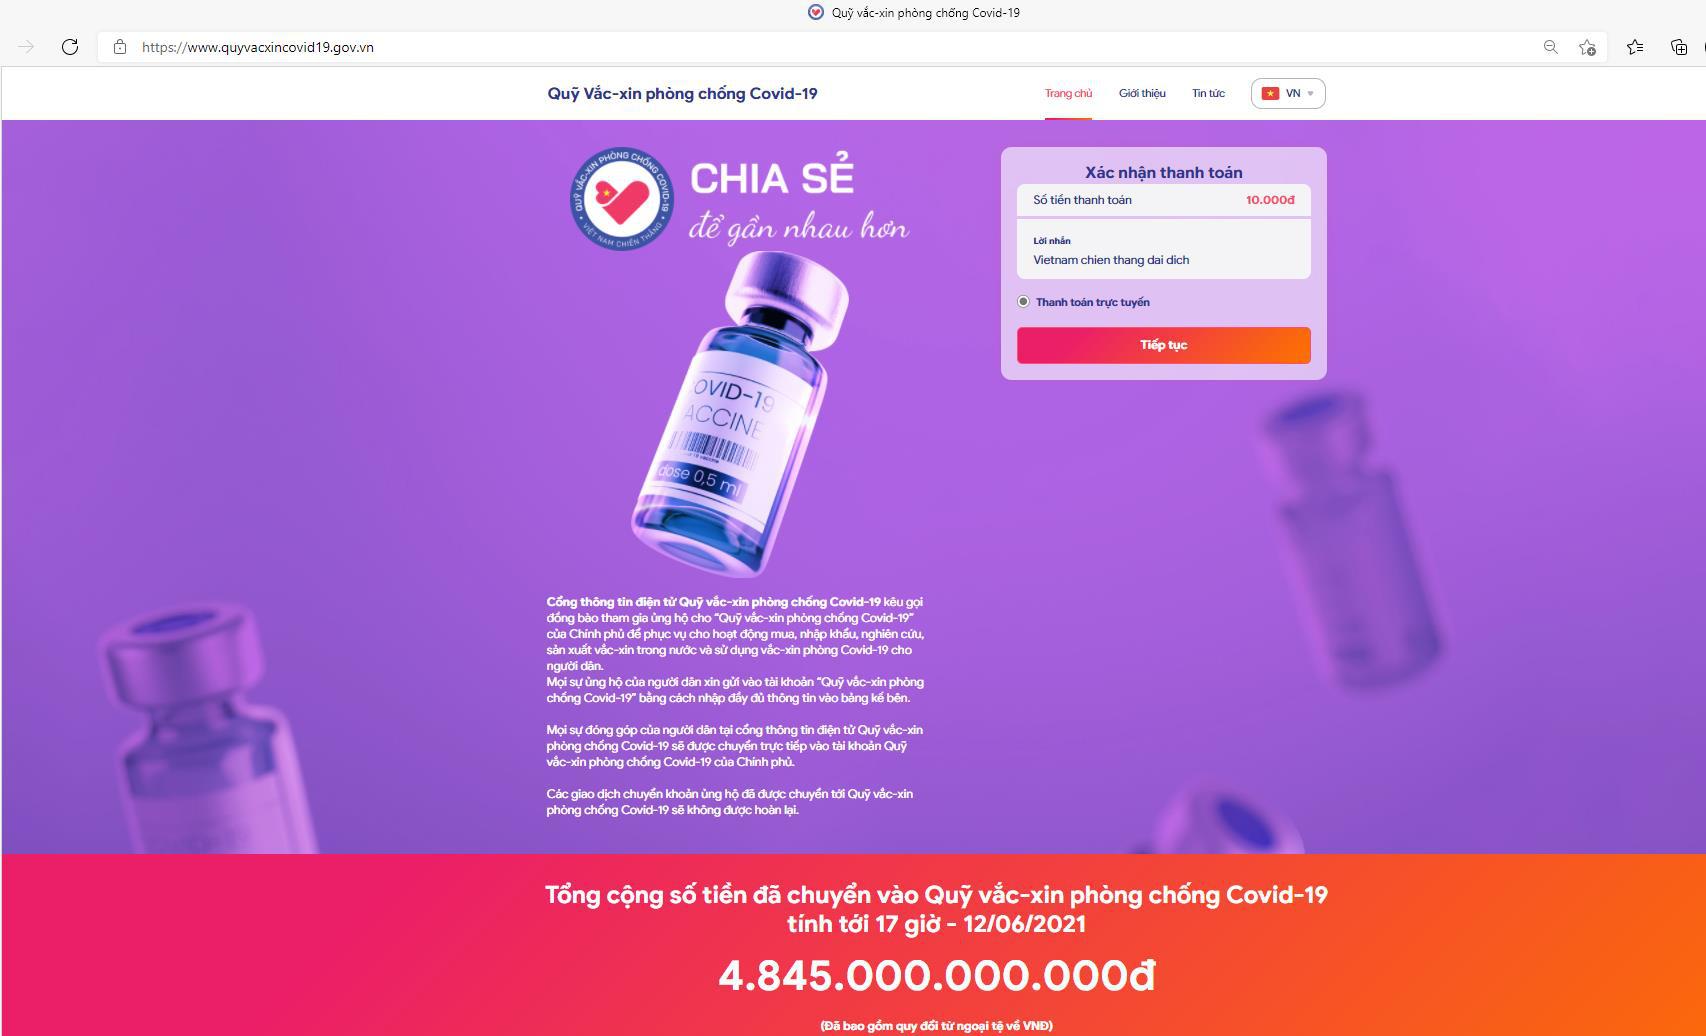 Chung tay góp vào quỹ vaccine - Chung tay chiến thắng đại dịch - Ảnh 2.